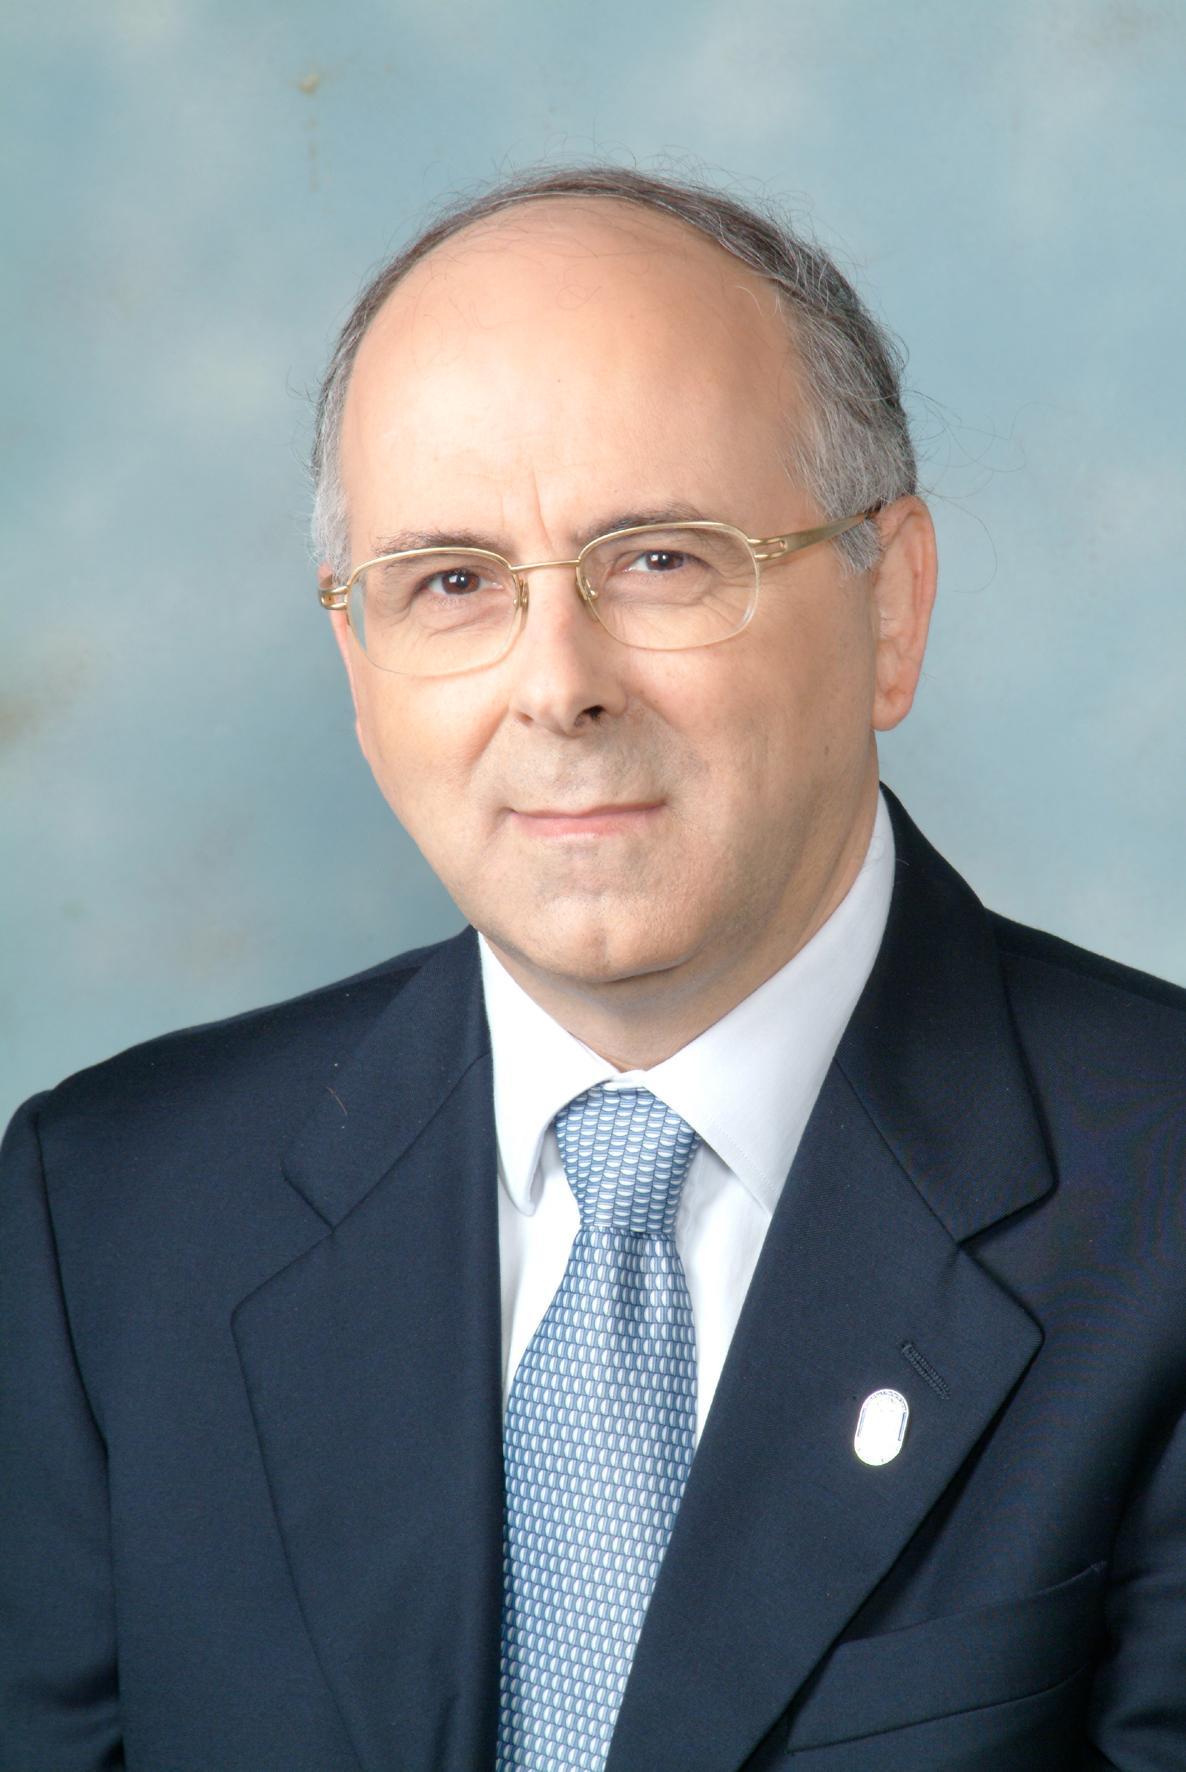 פרופ. מיכאל סודרי מומחה בכירורגיה אורתופדית